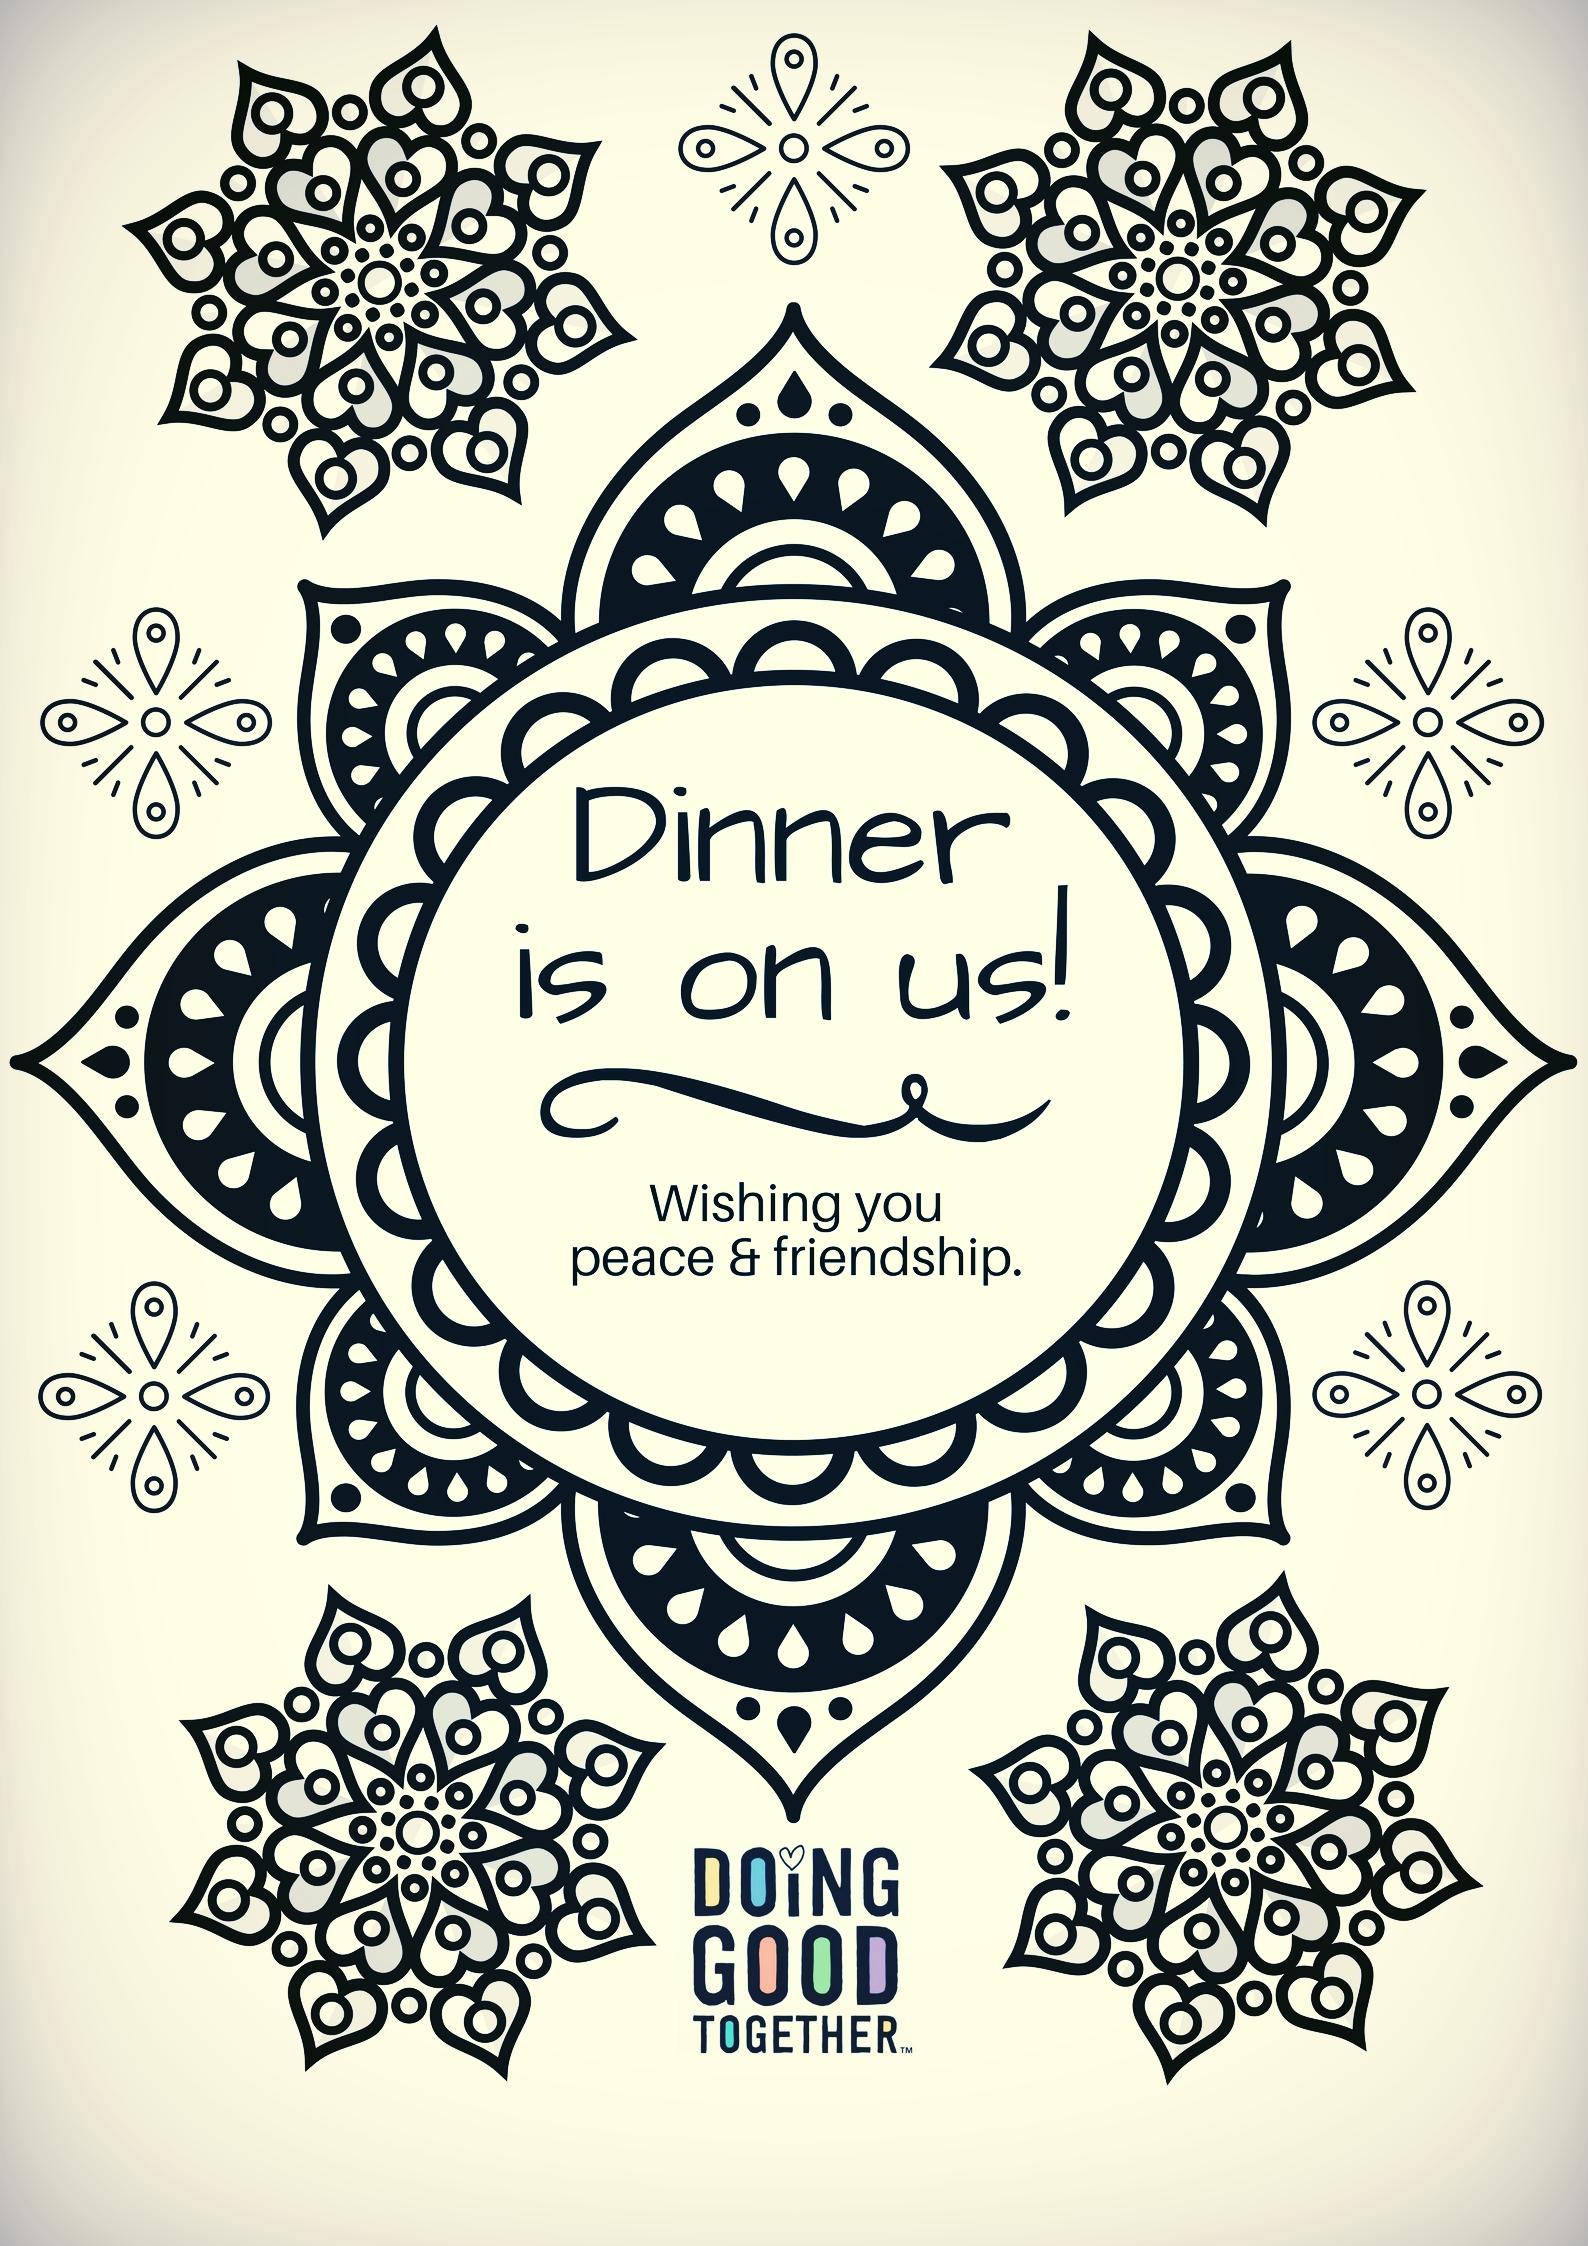 Dinner is on us cards.jpg